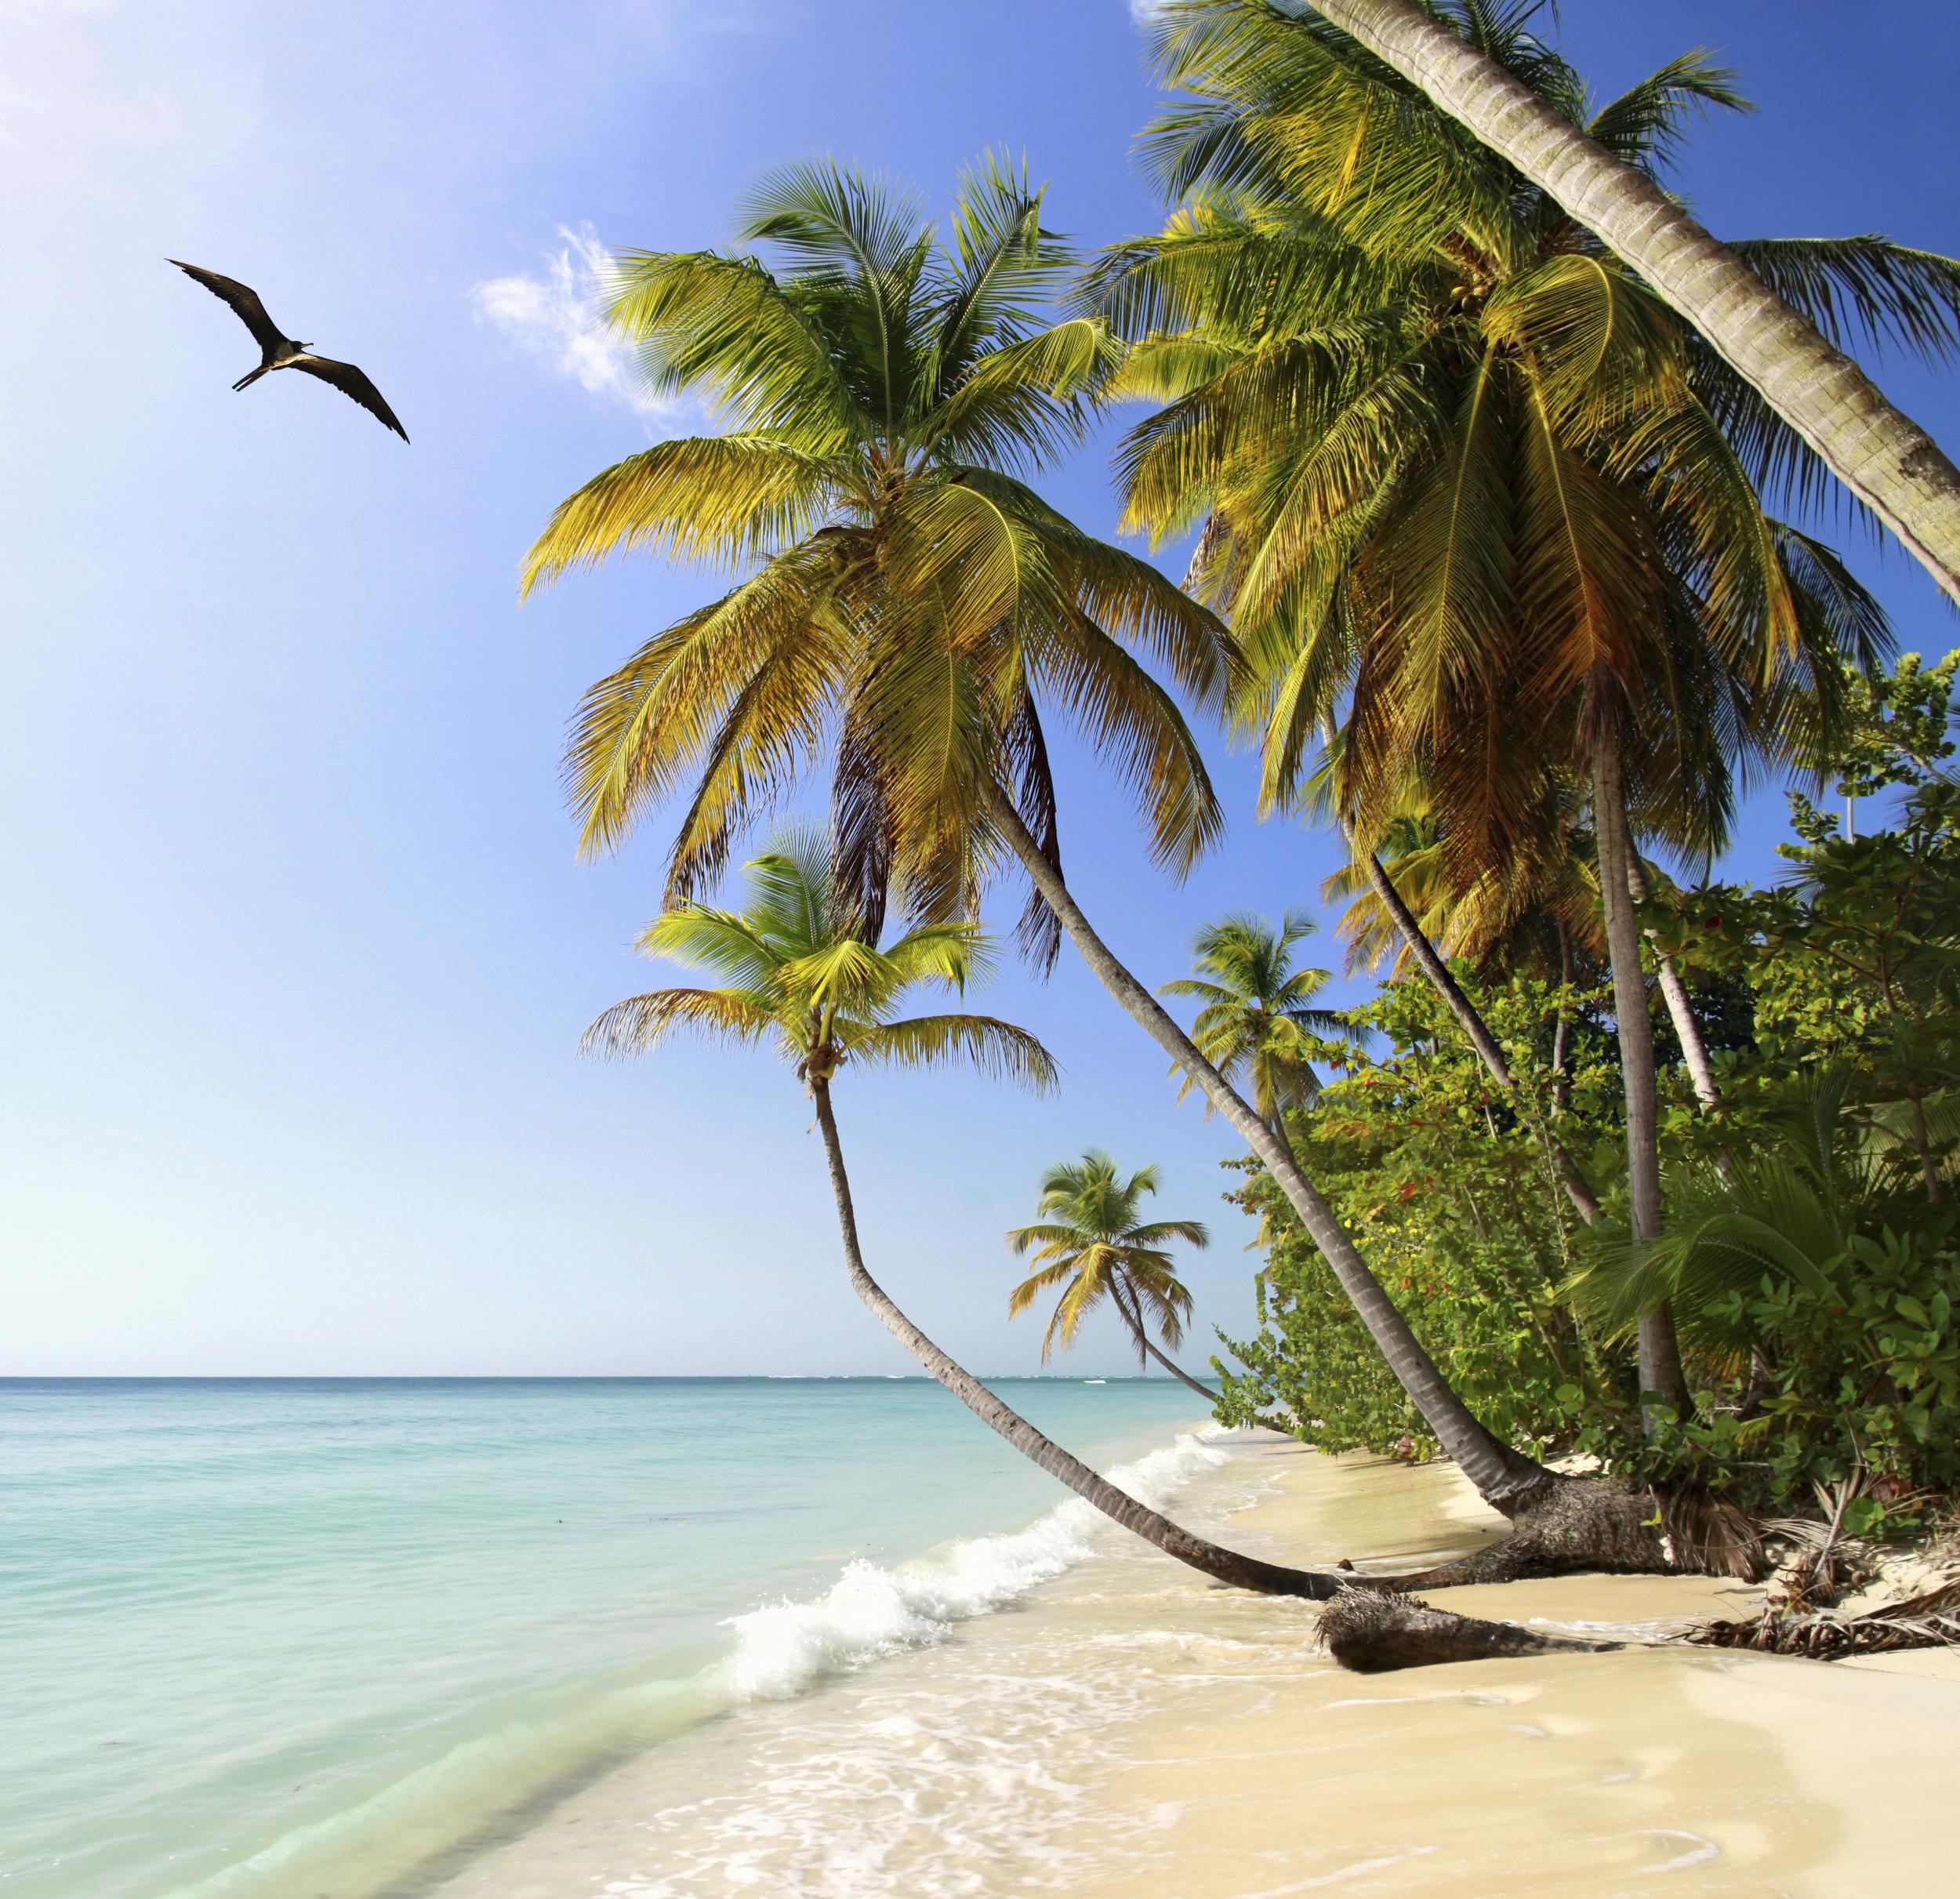 Image of a Trinidad and Tobago beach